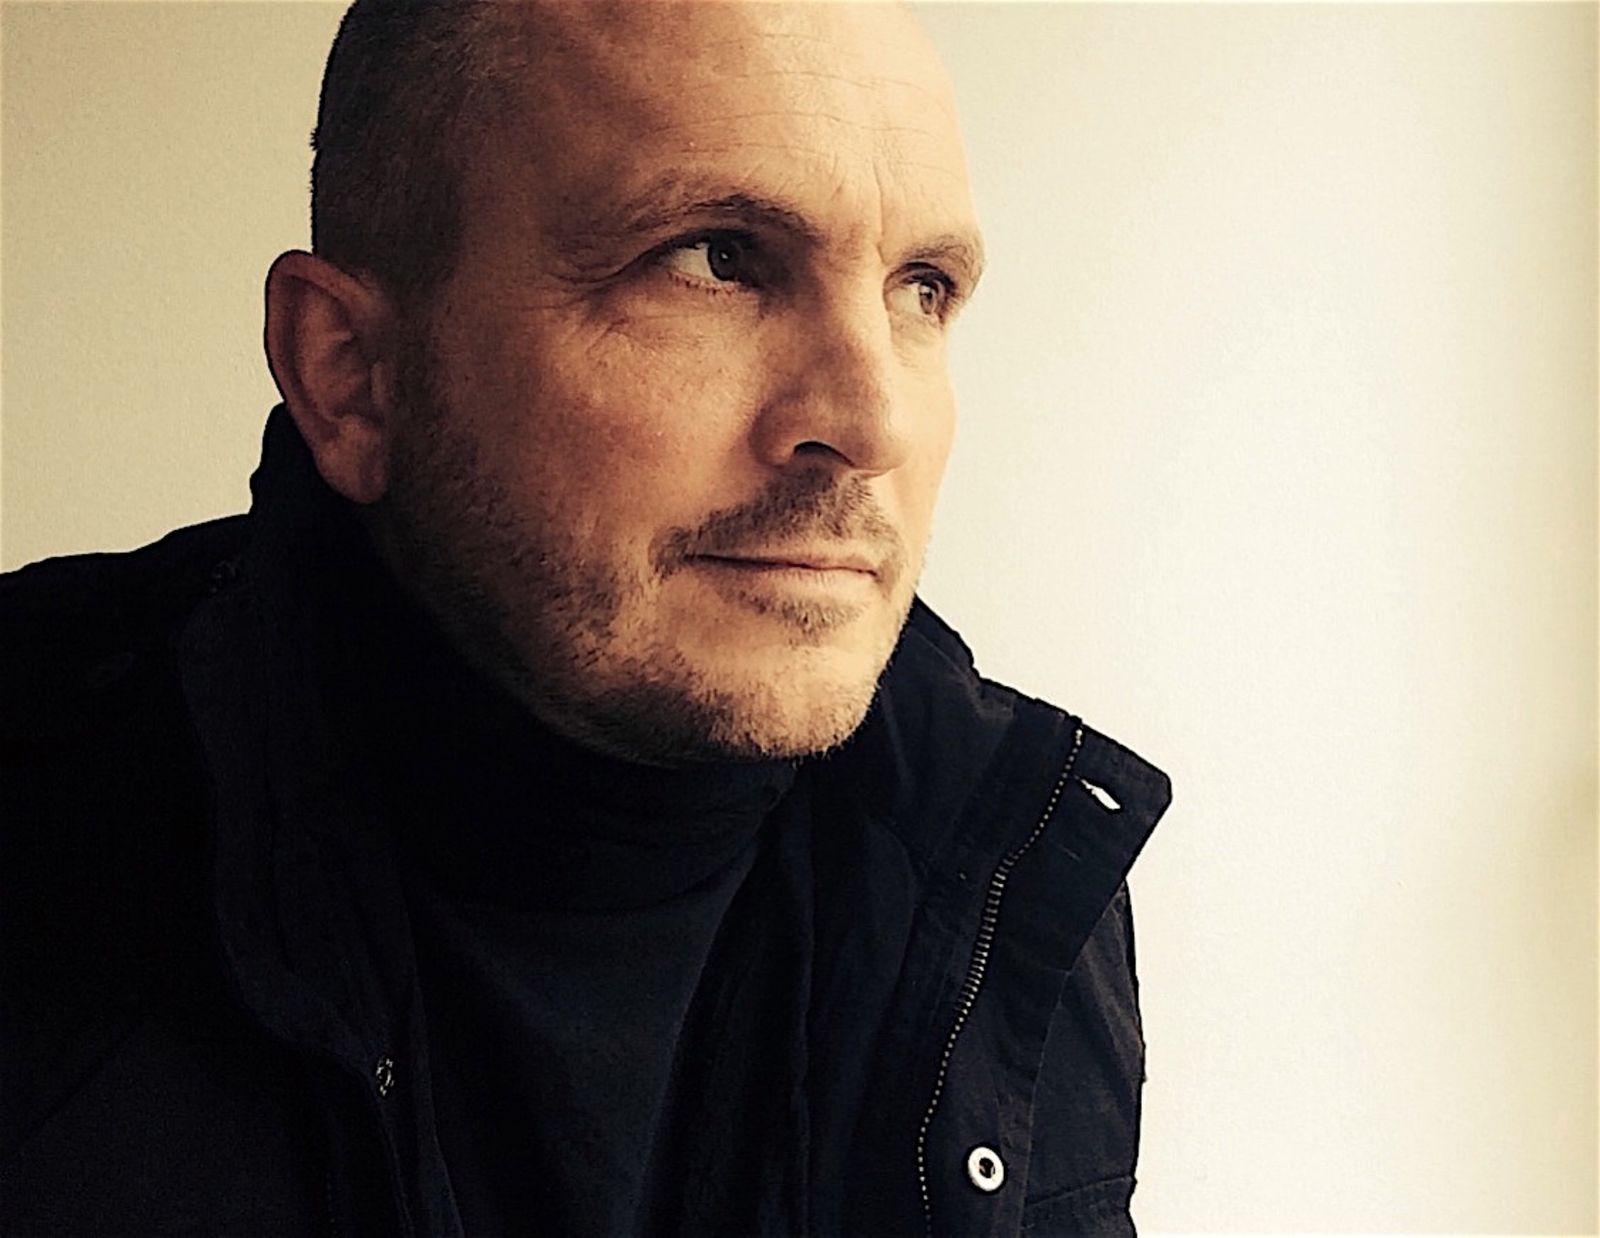 Tim Pröse